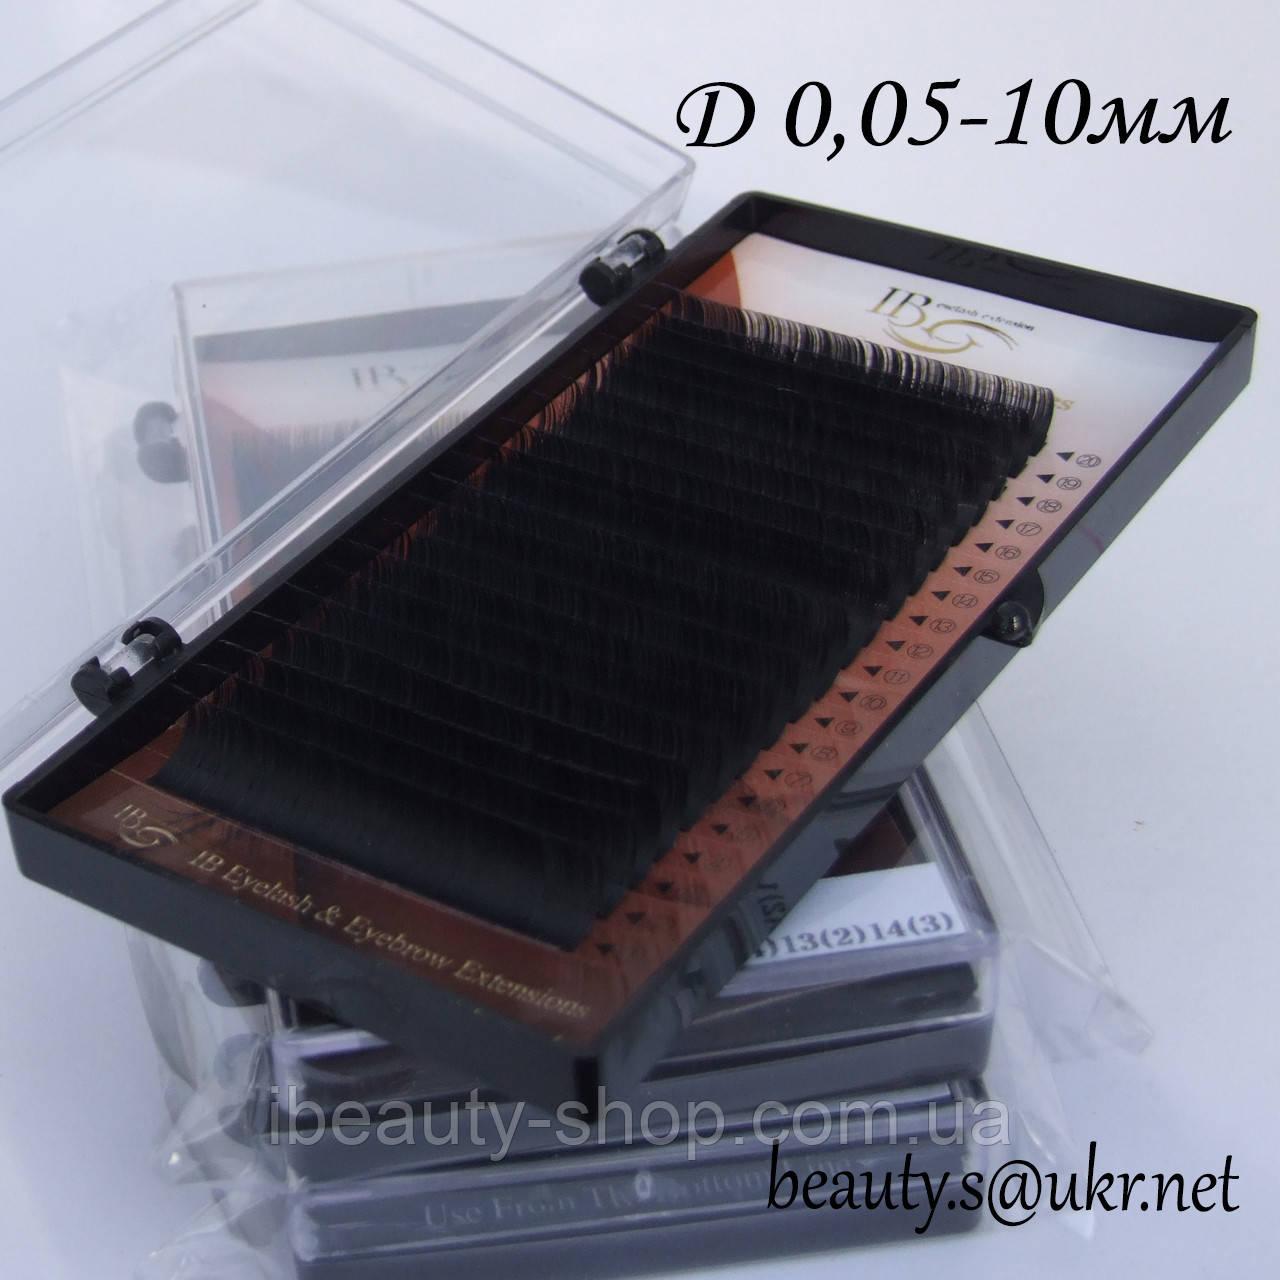 Вії I-Beauty на стрічці D-0,05 10мм